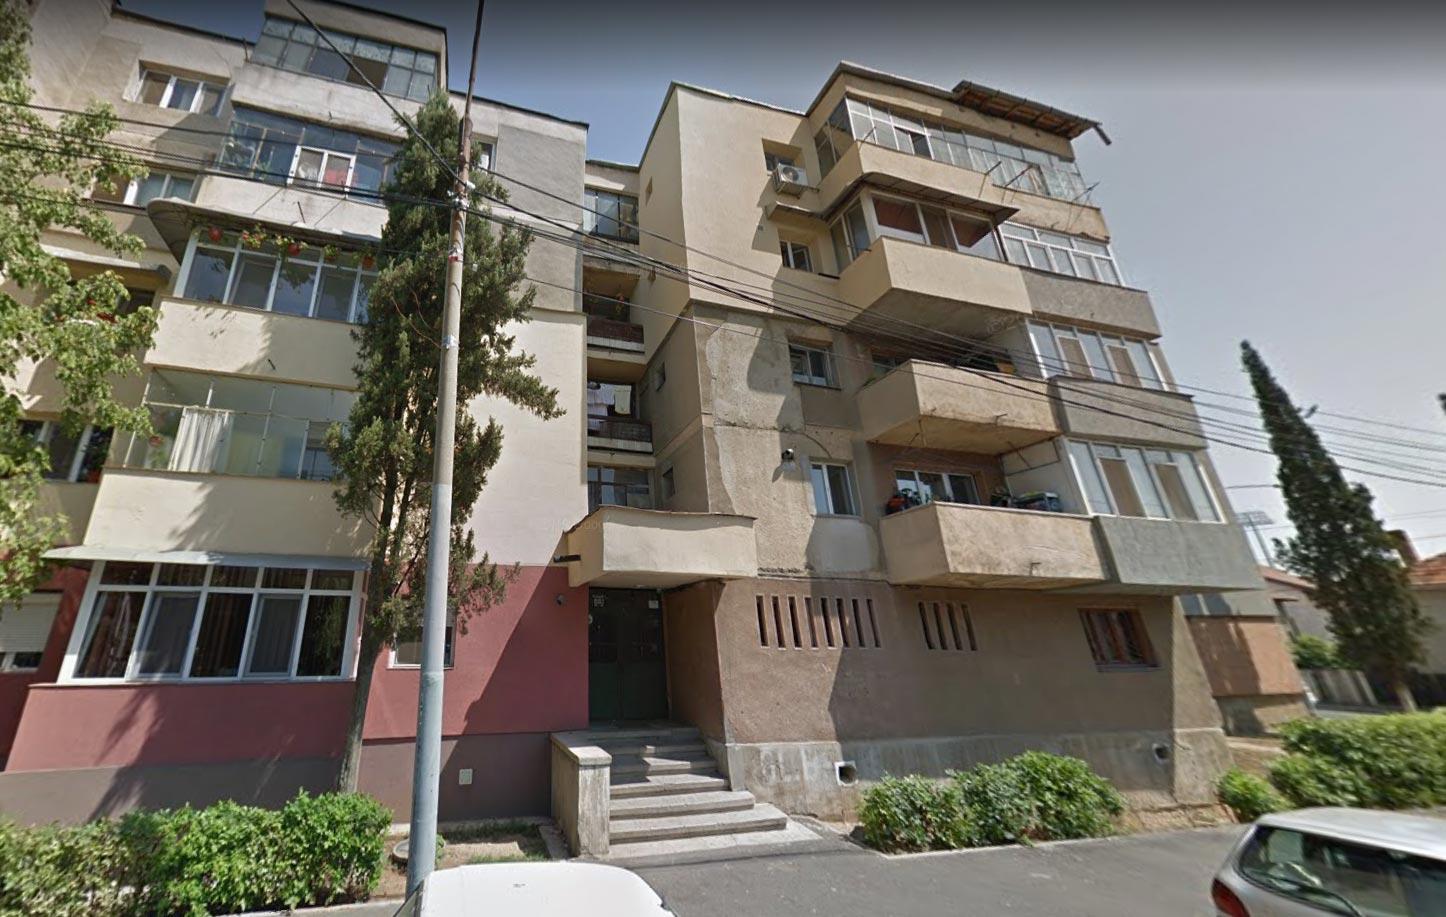 Apartament 2 camere, 49,92mp, Drobeta Turnu Severin, jud. Mehedinti